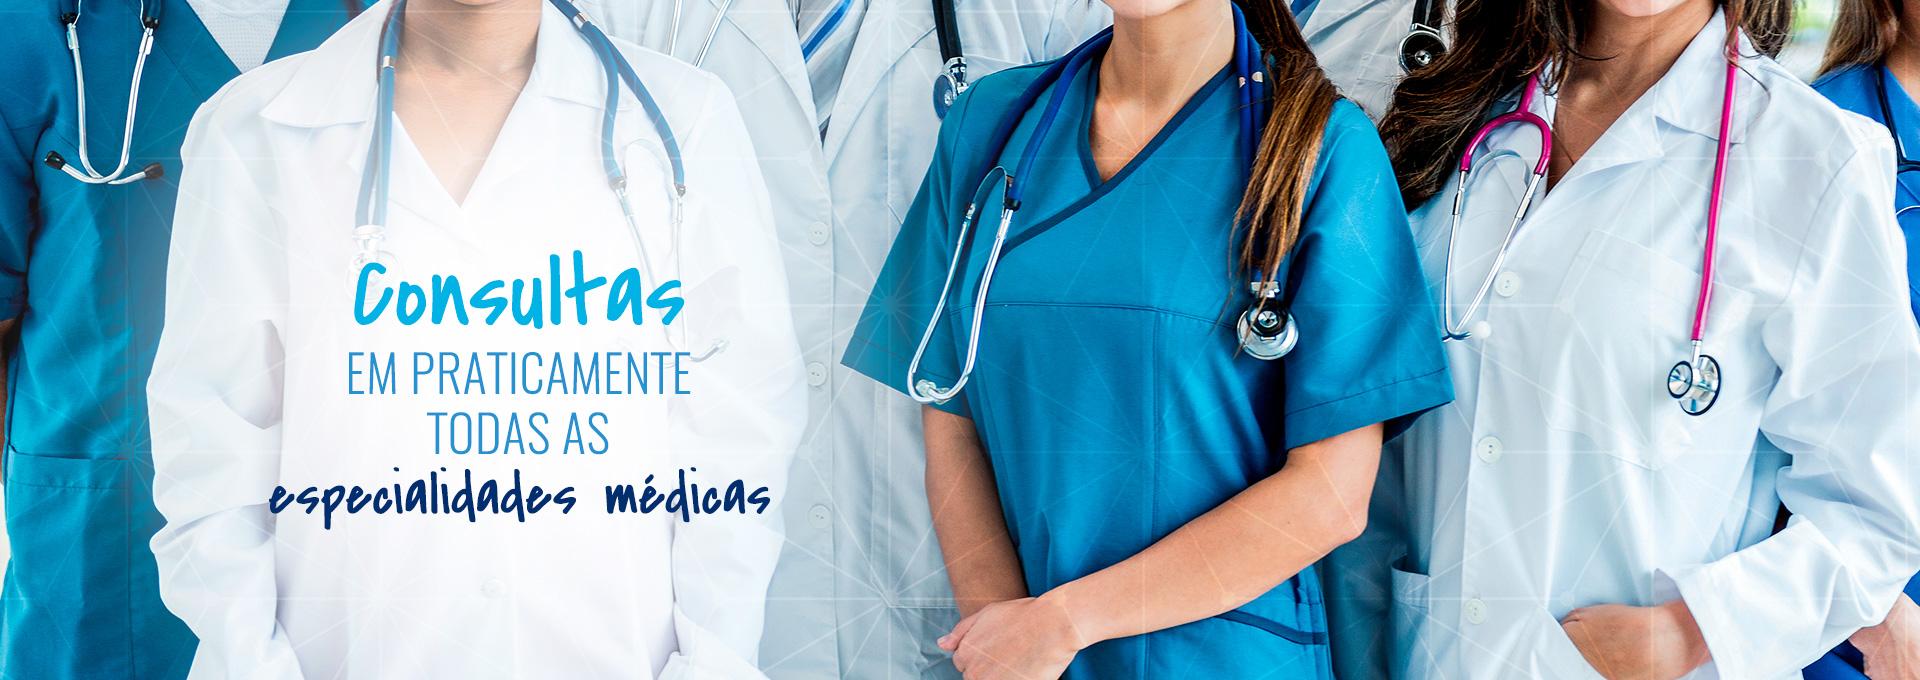 Especialidades Medicas - Diagnuz